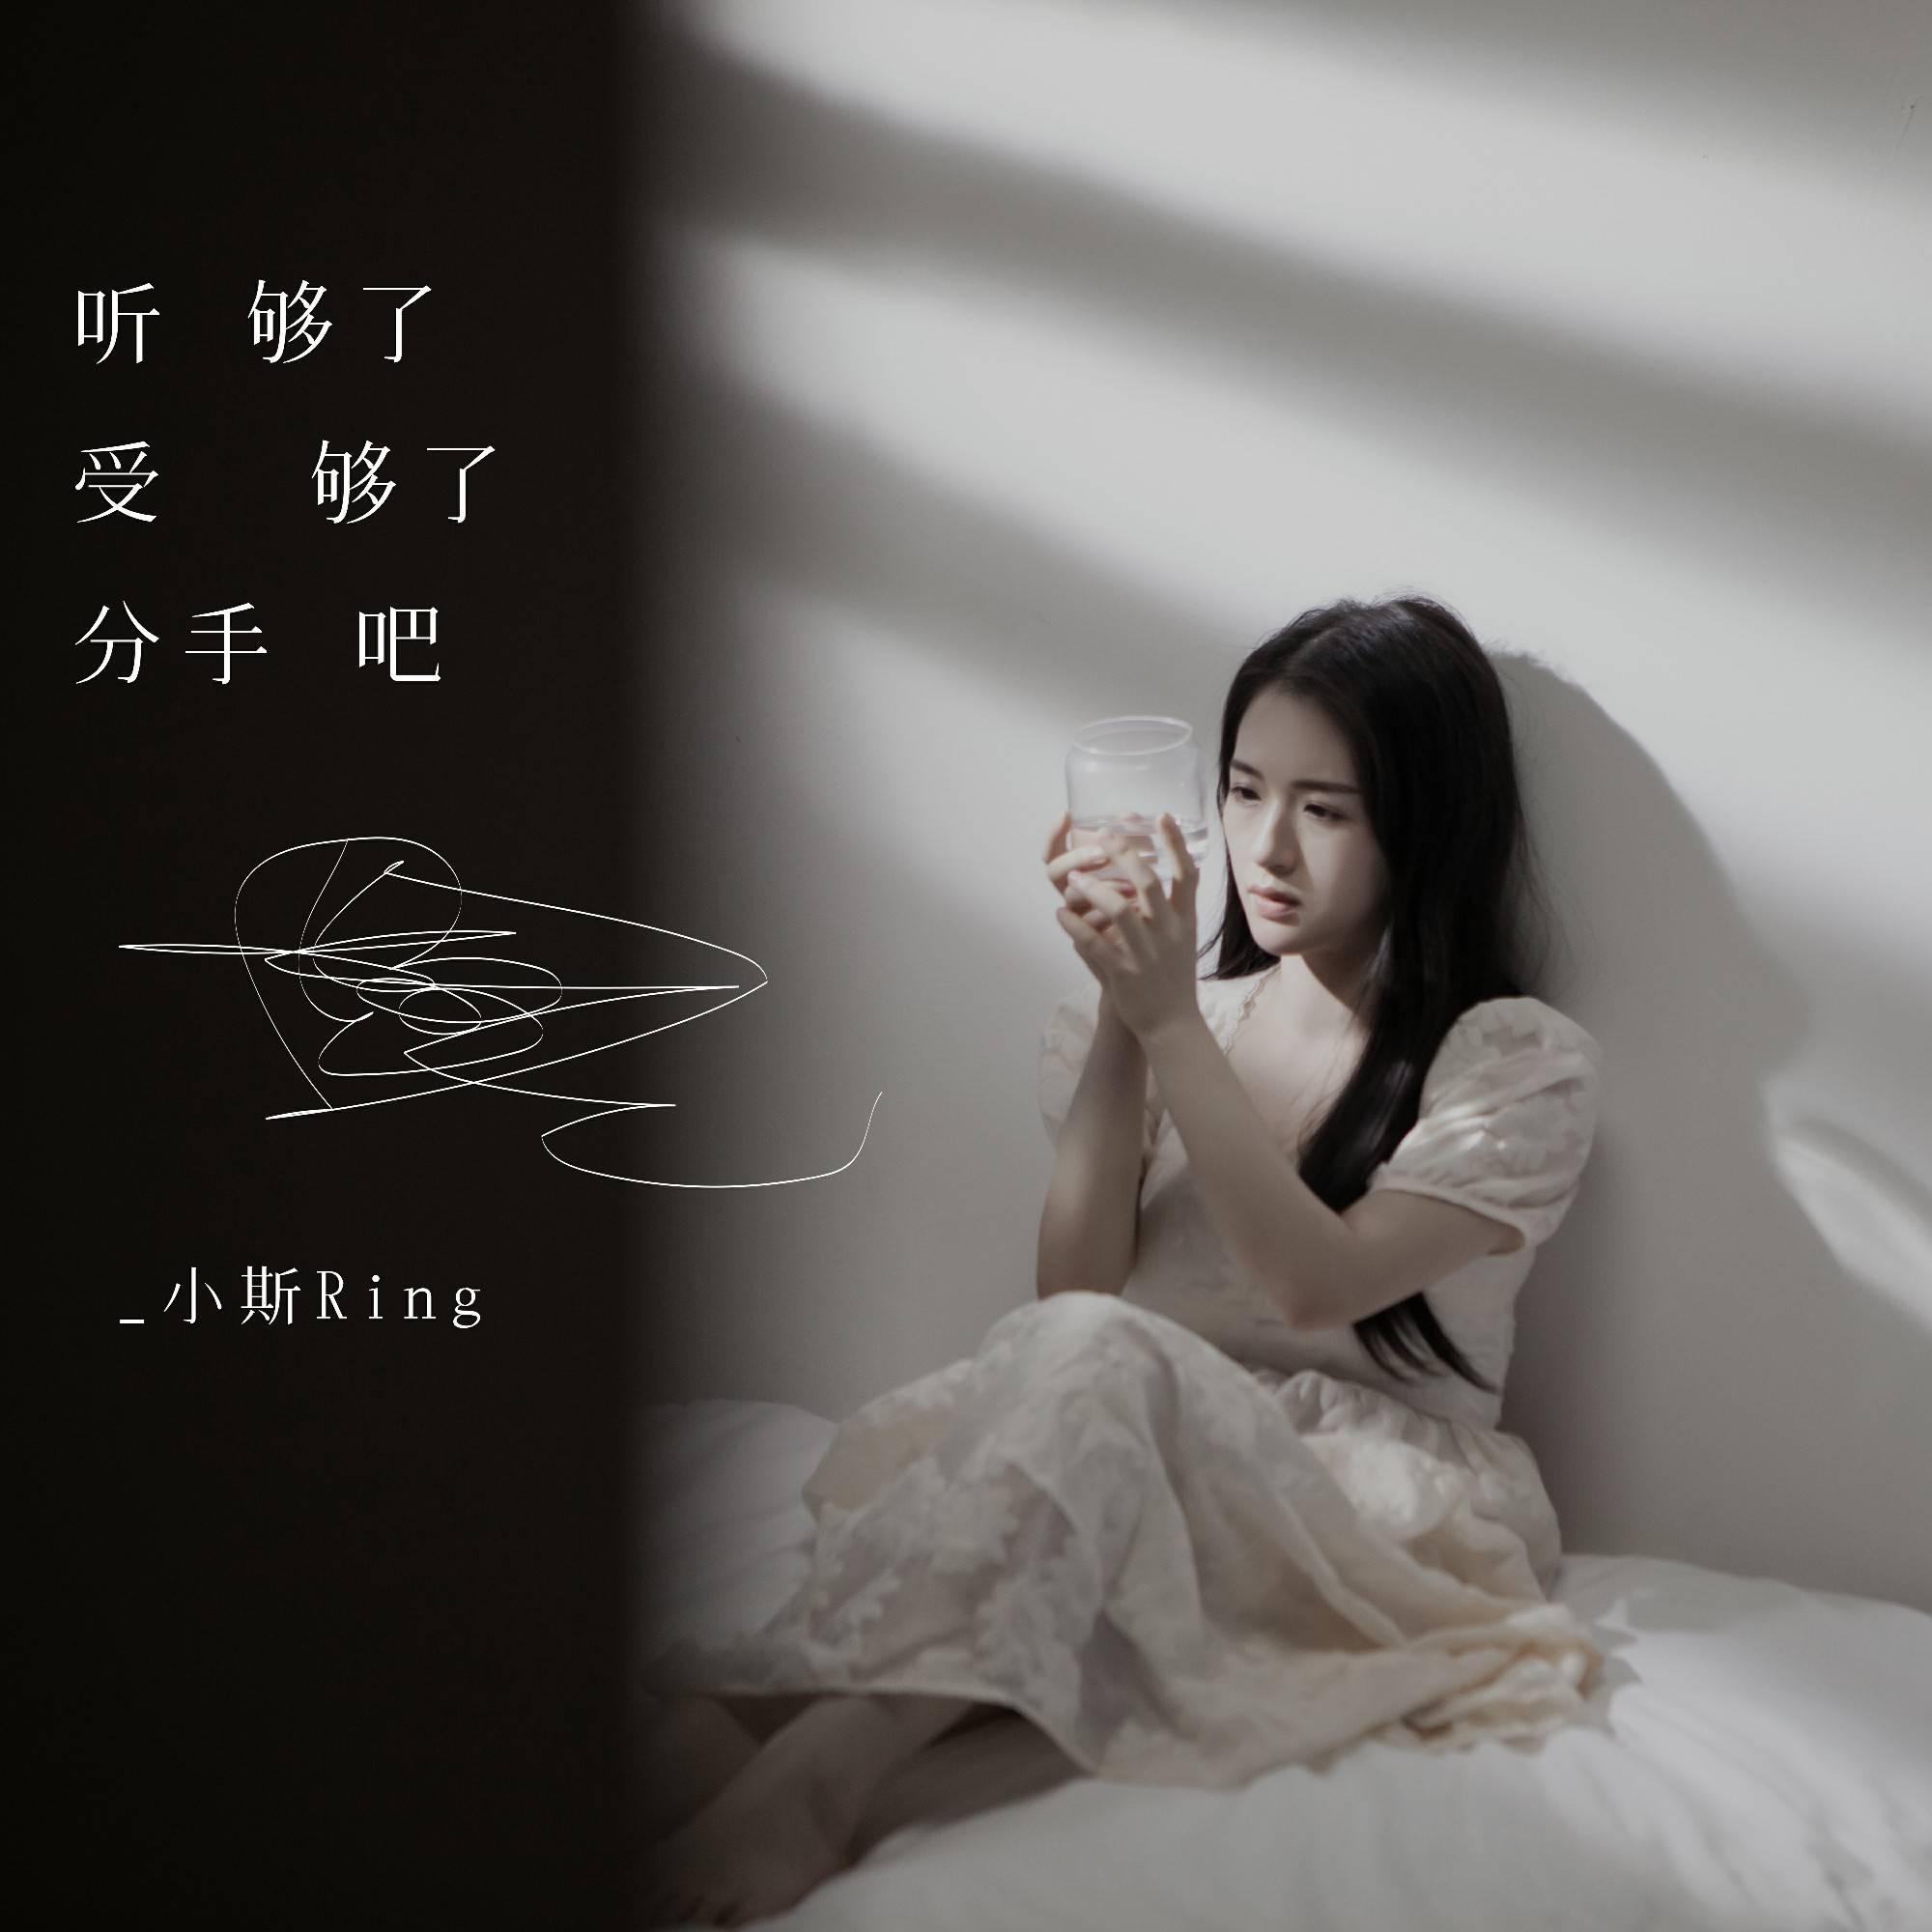 小斯Ring新歌《听够了受够了分手吧》上线叹爱情离别引热议